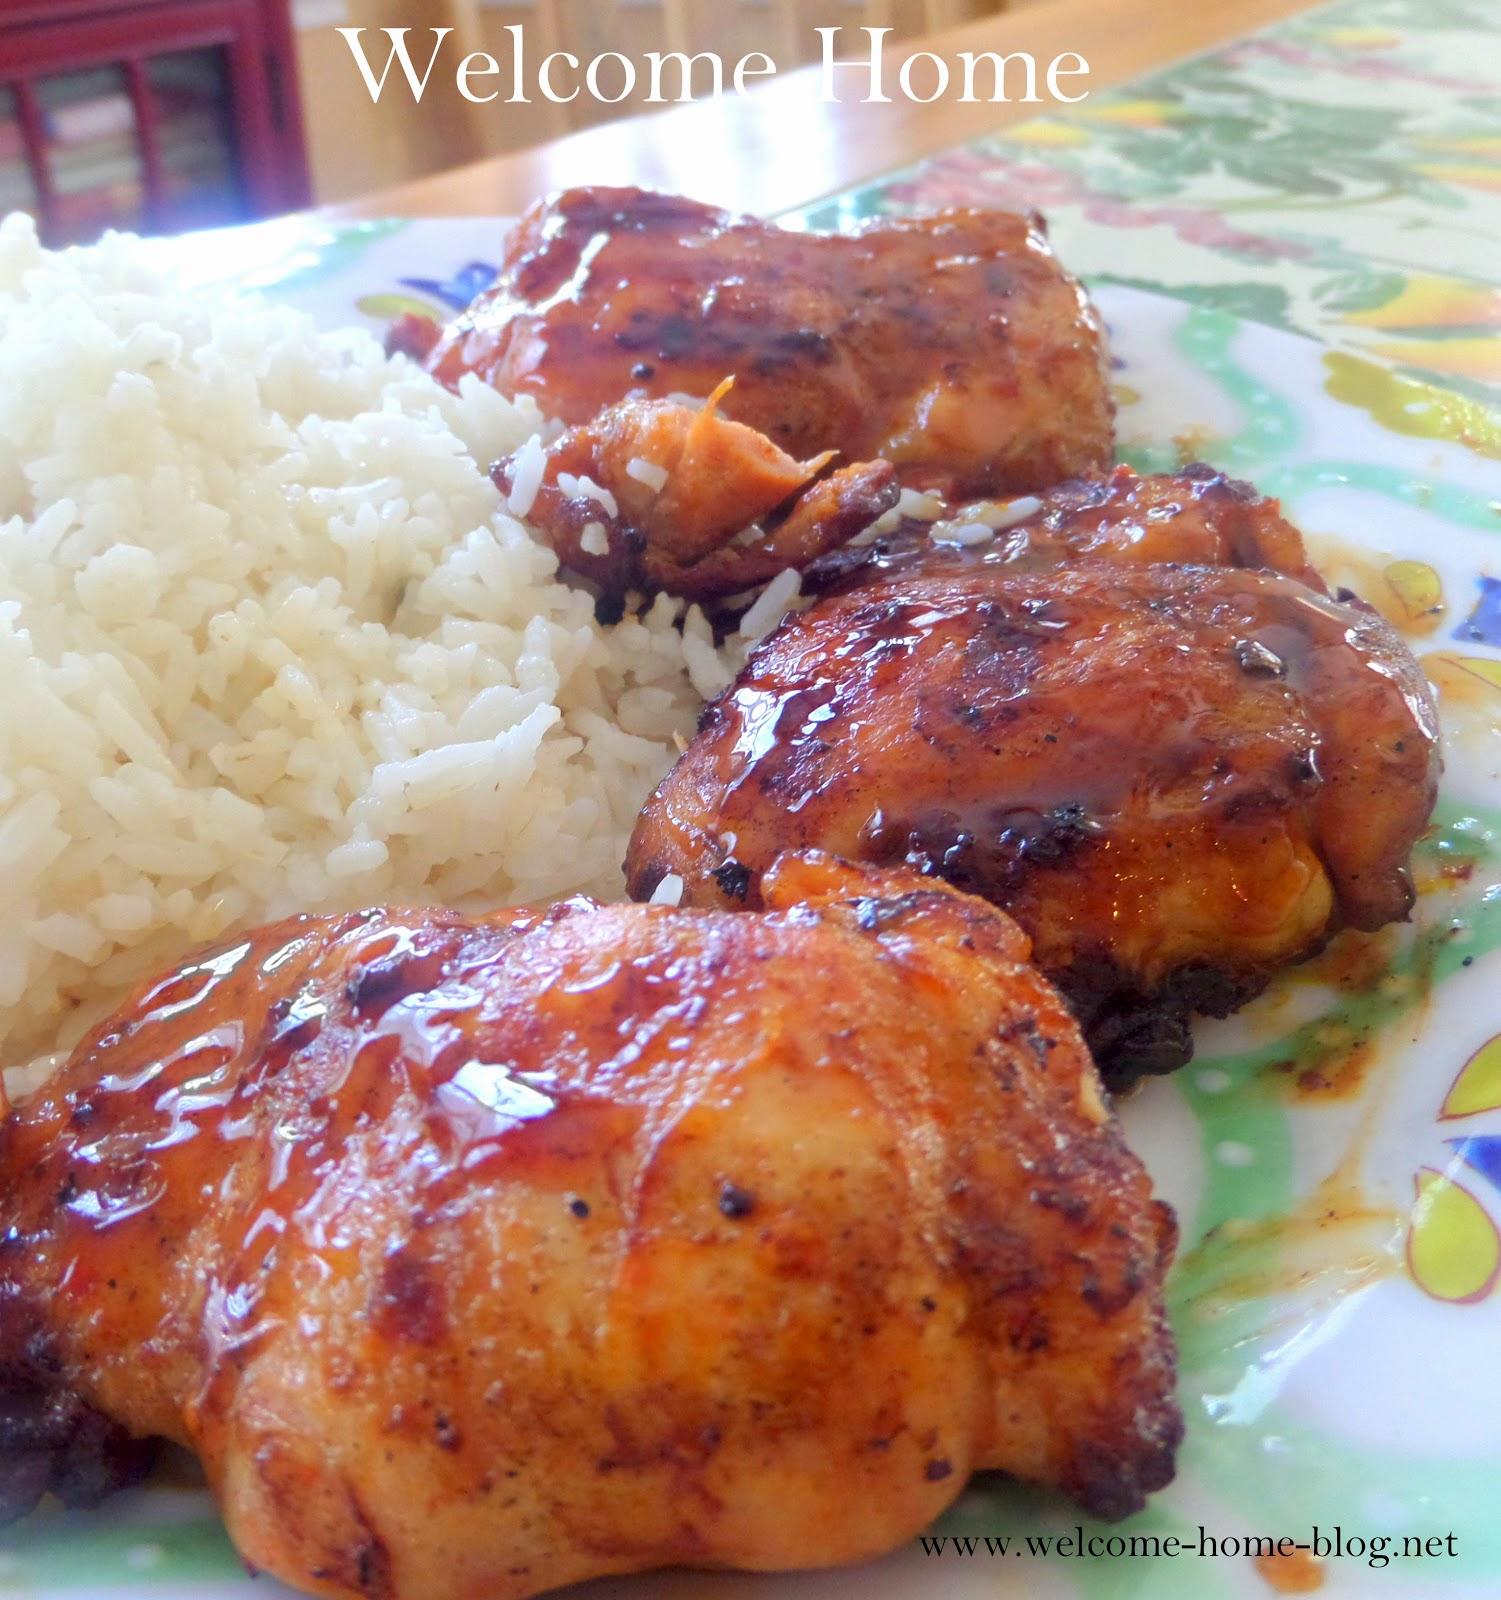 Welcome Home Blog: Grilled Chicken Thighs In Zesty Orange